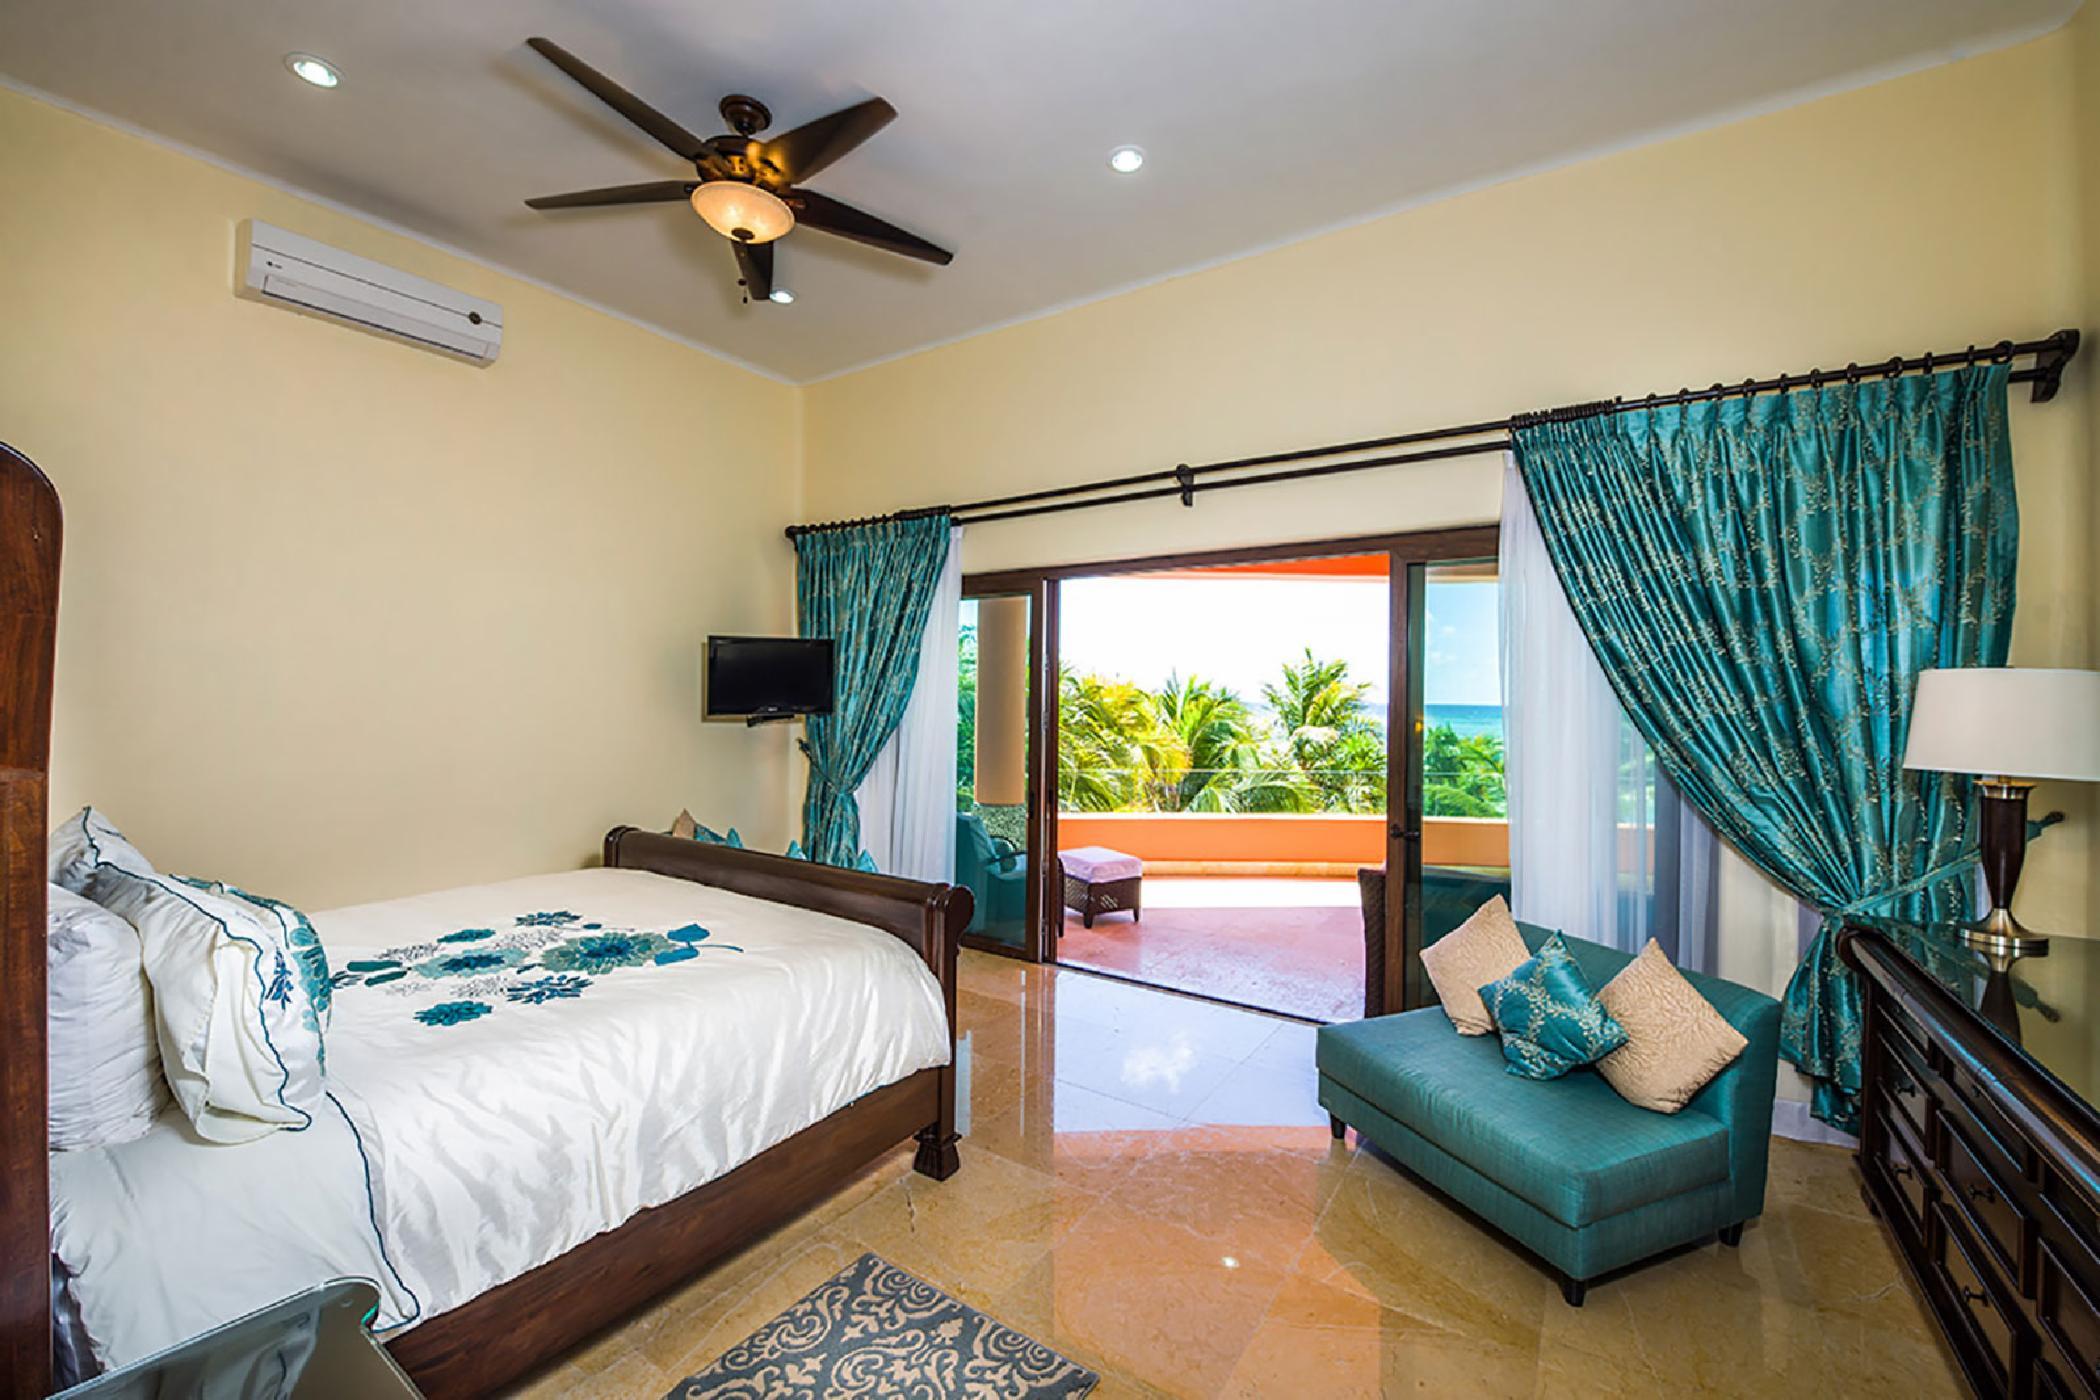 Maya_Luxe_Riviera_Maya_Luxury_Villas_Experiences_Tankah_Bay_Tulum_8_Bedrooms_Cenote_del_Mar_17.jpg